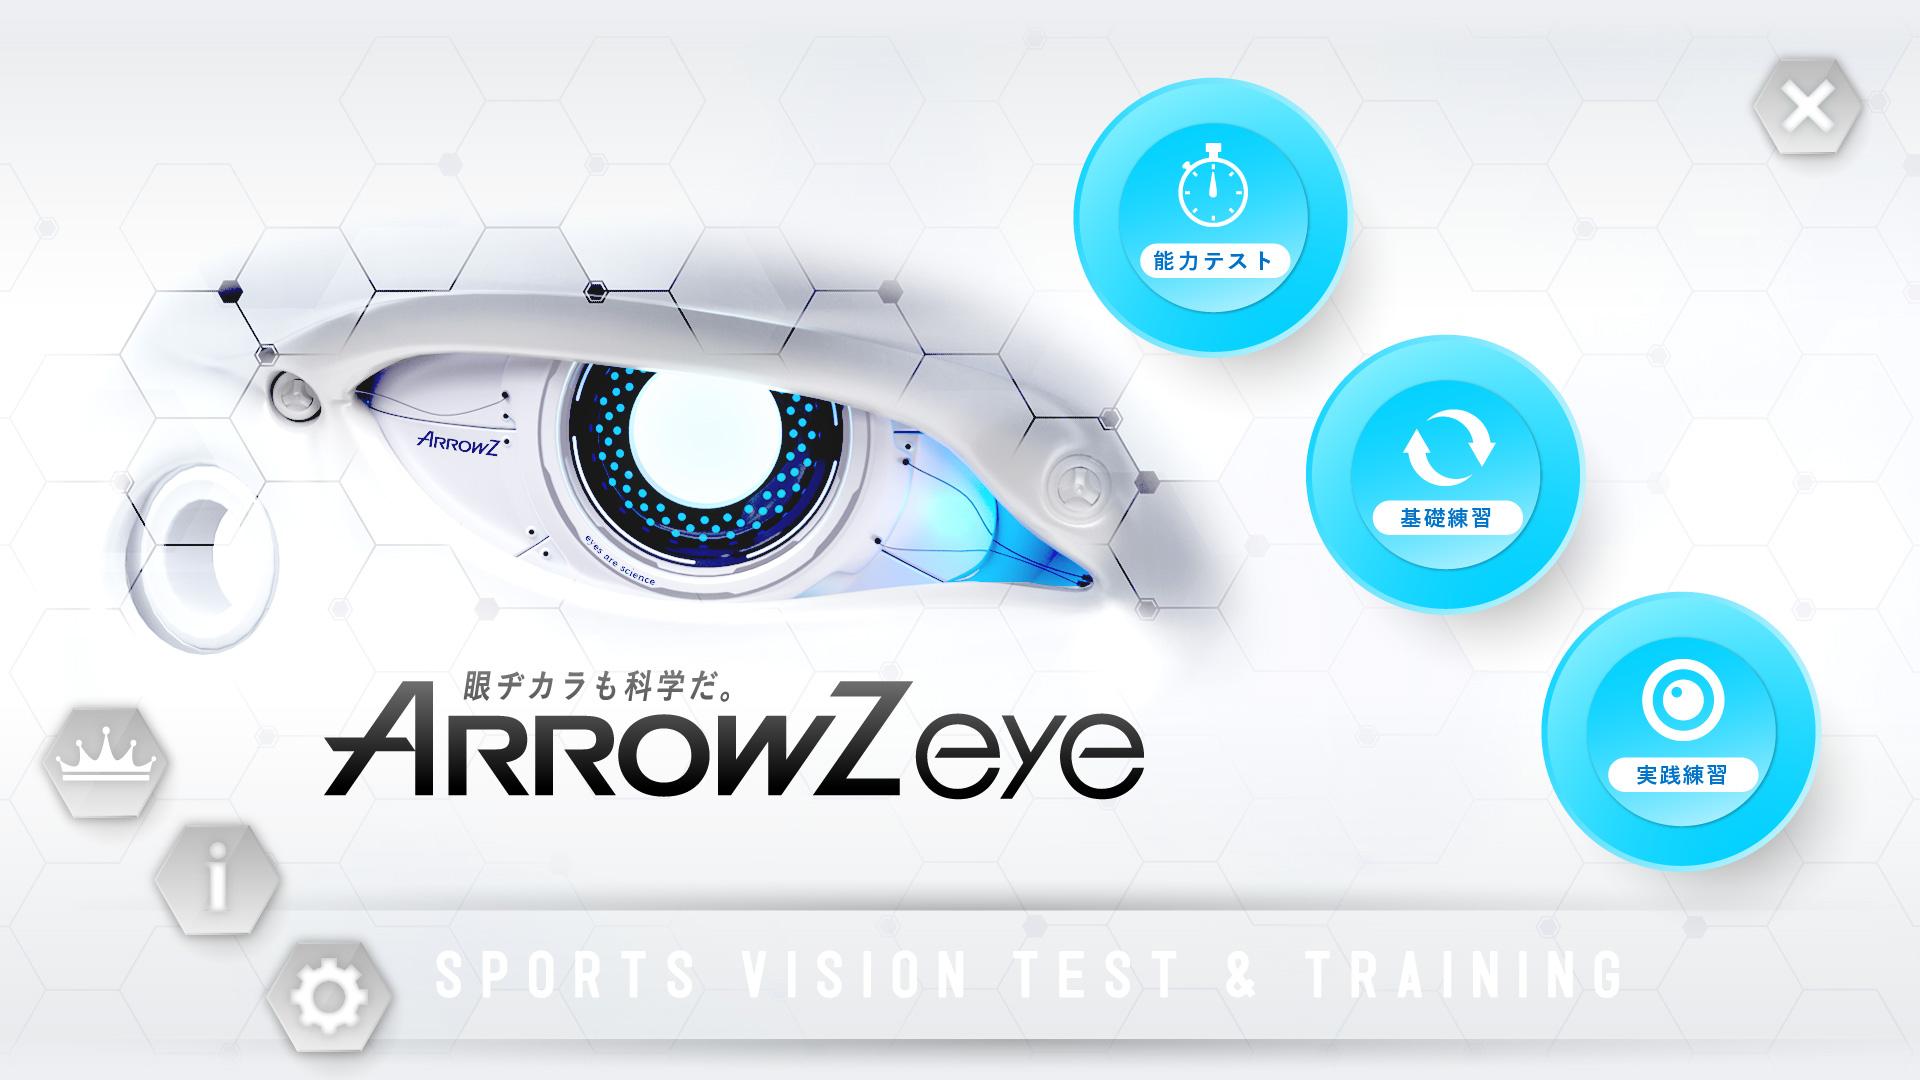 ArrowZeye